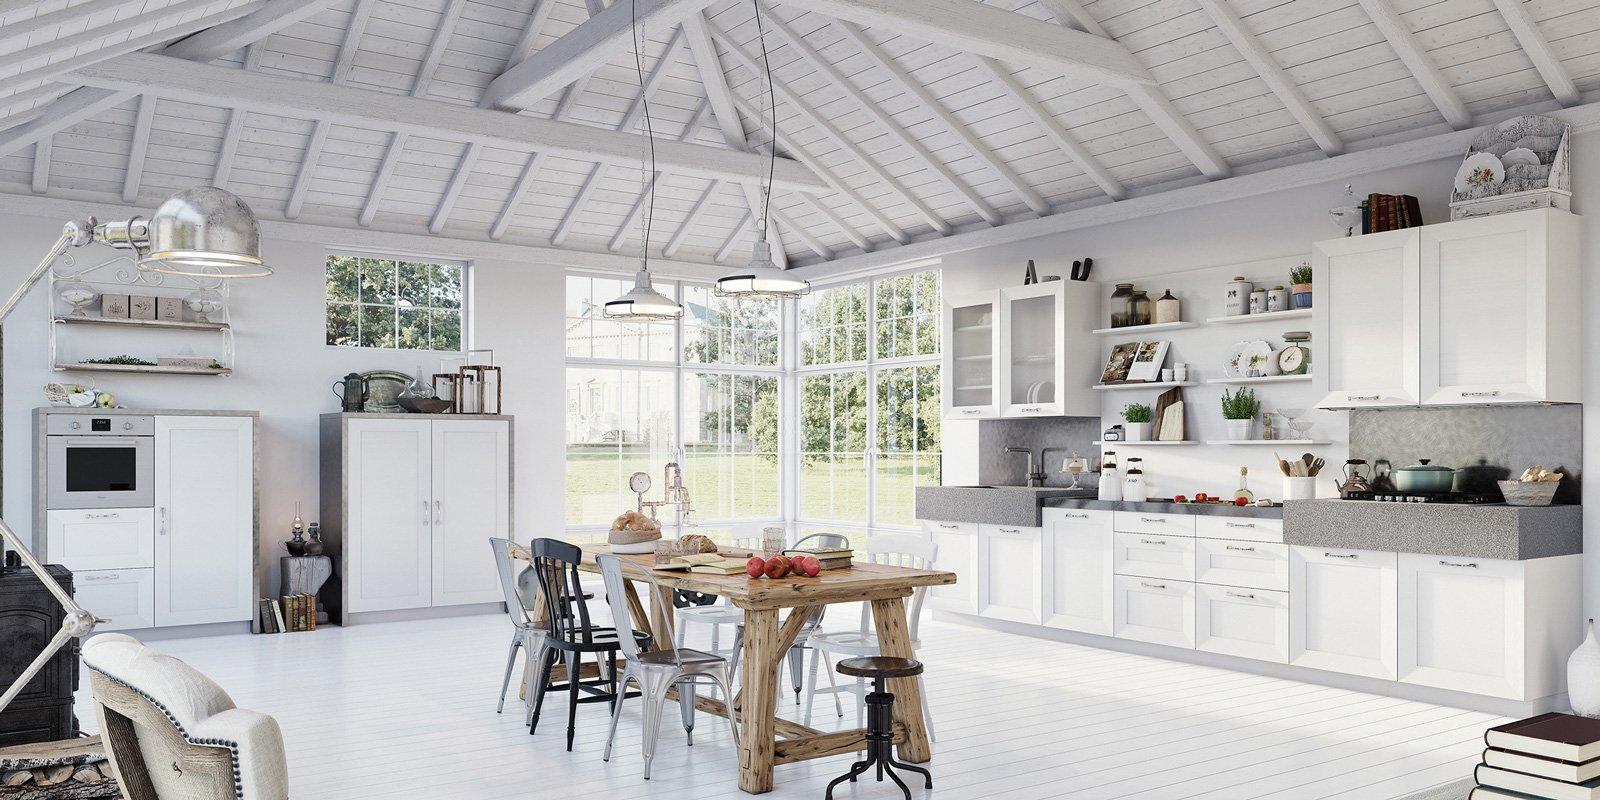 Mensole Cucina Moderna. Una Casa Romantica Con La Carta Da Parati ...